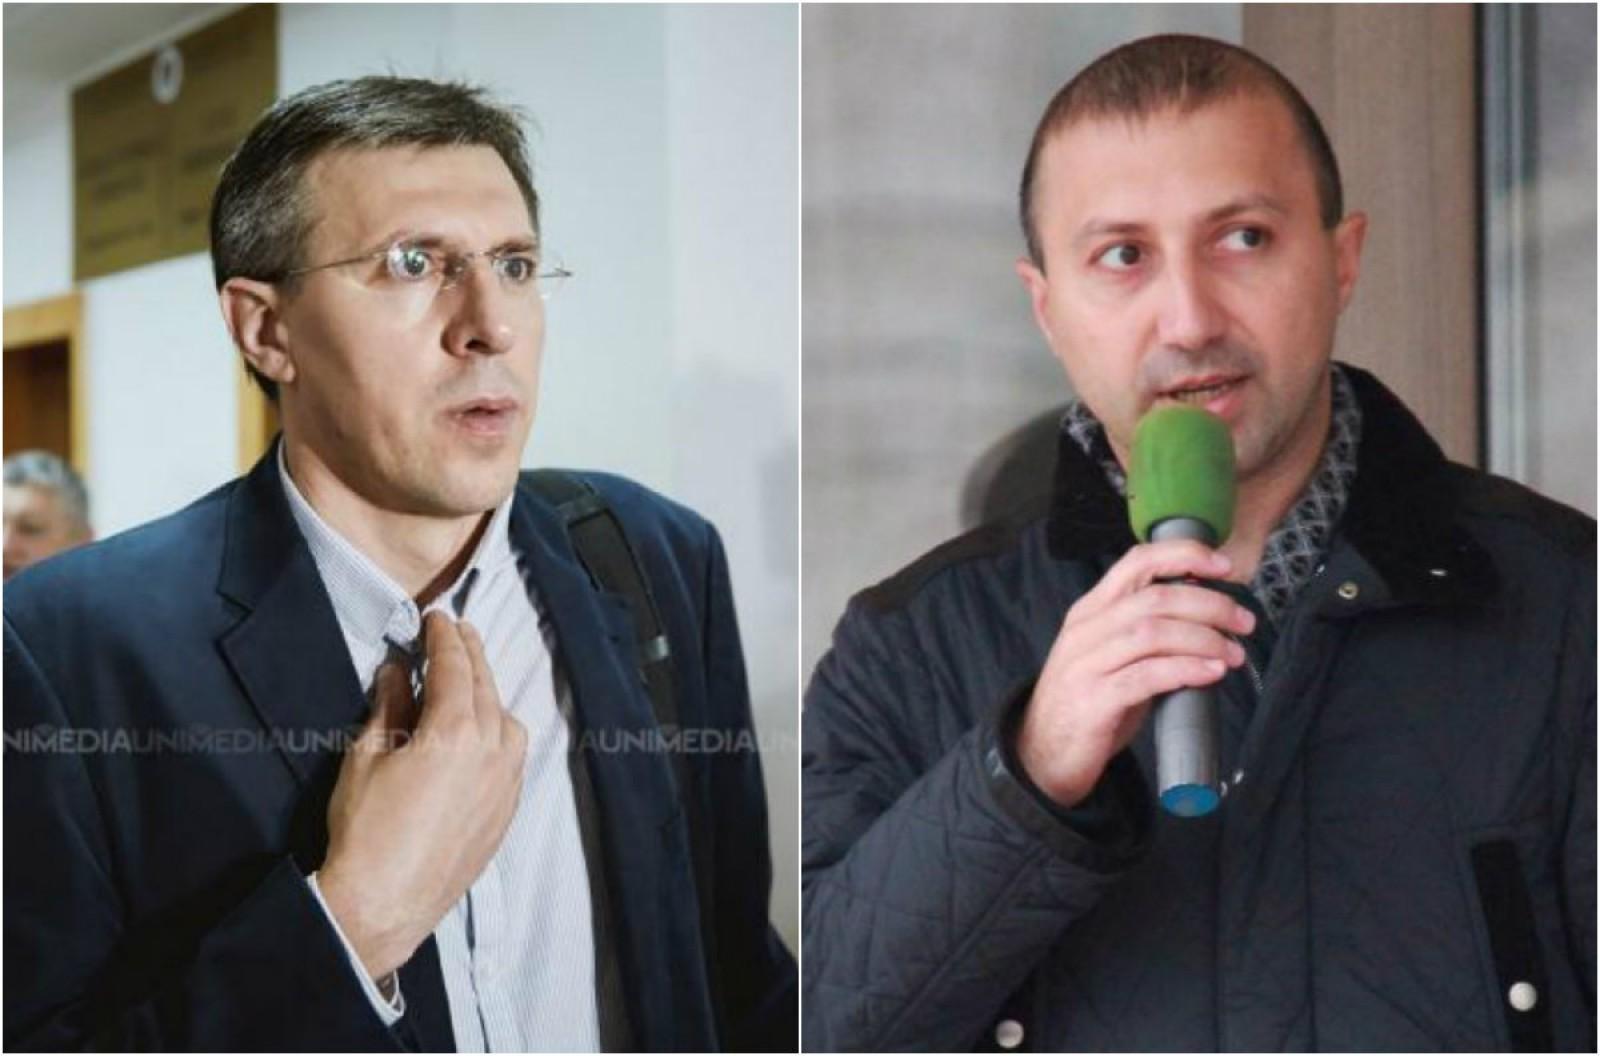 Chirtoacă, despre Gamrețchi: S-a pus în genunchi în fața lui Plahotniuc și Dodon ca să primească o pedeapsă formală